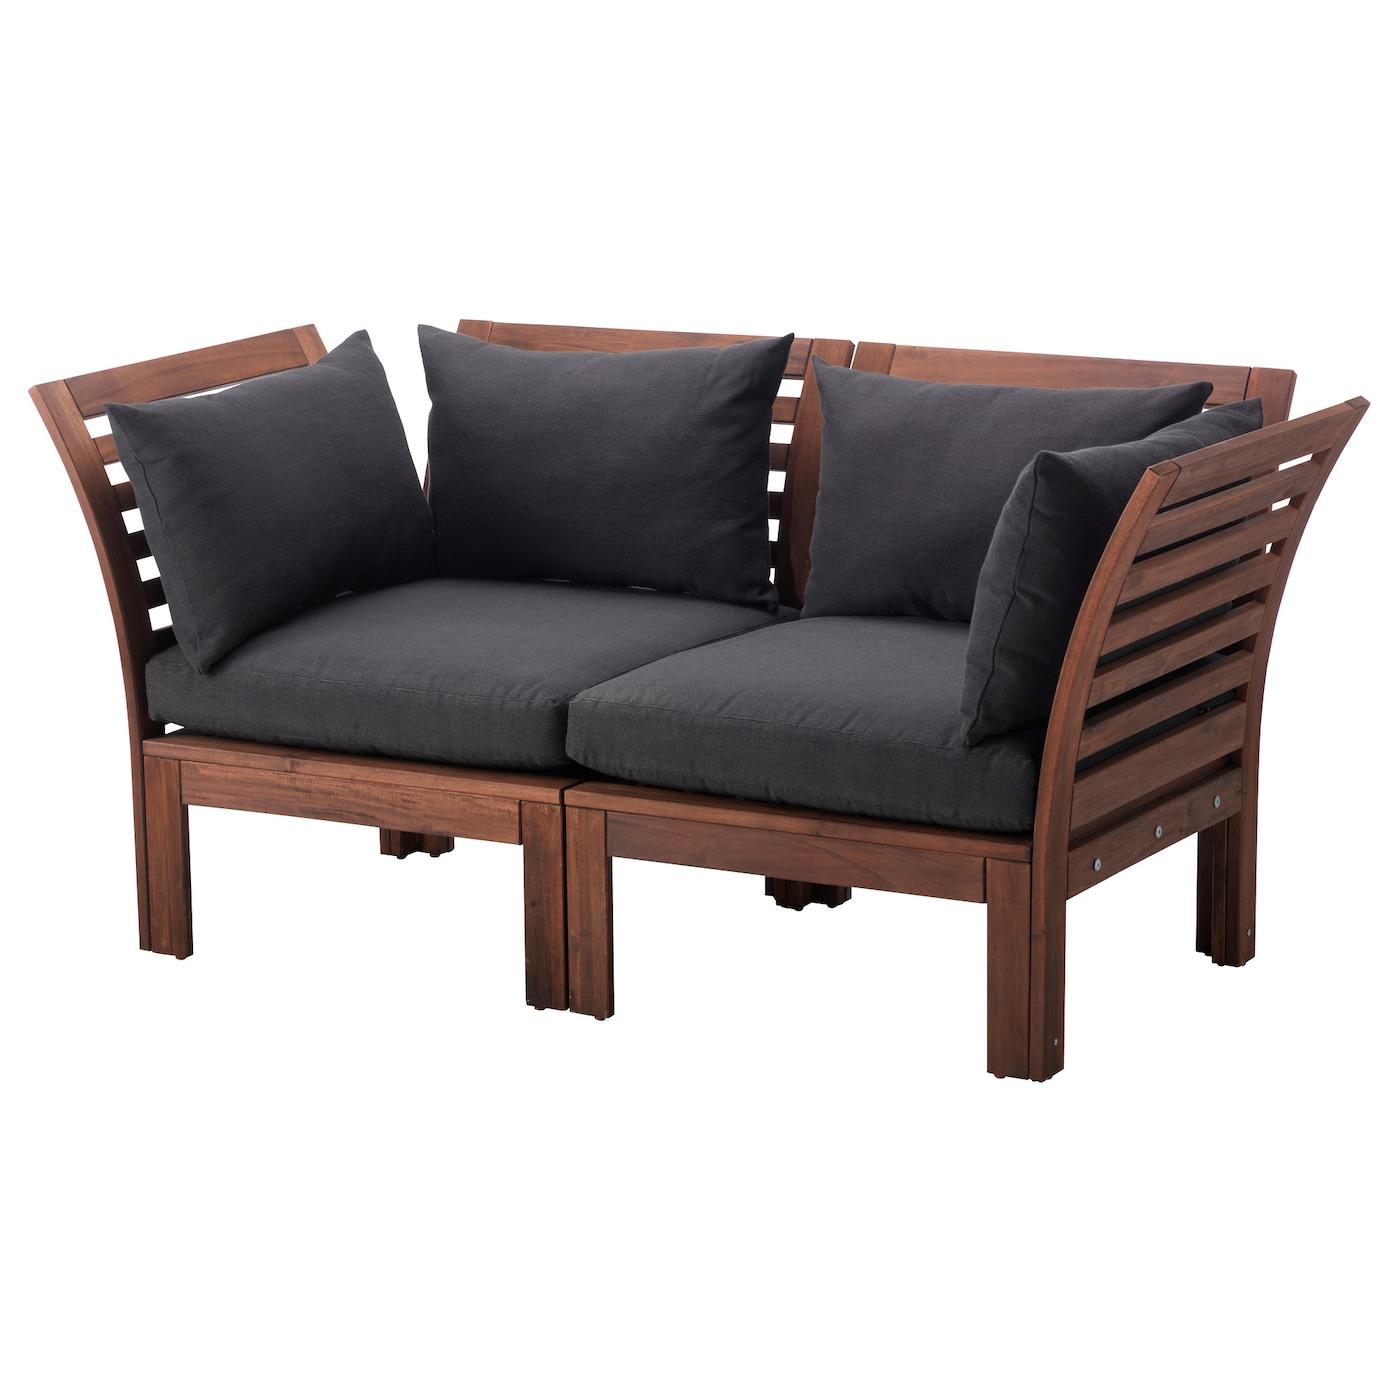 IKEA ÄPPLARÖ/HÅLLÖ 2 Seat Sofa, Outdoor